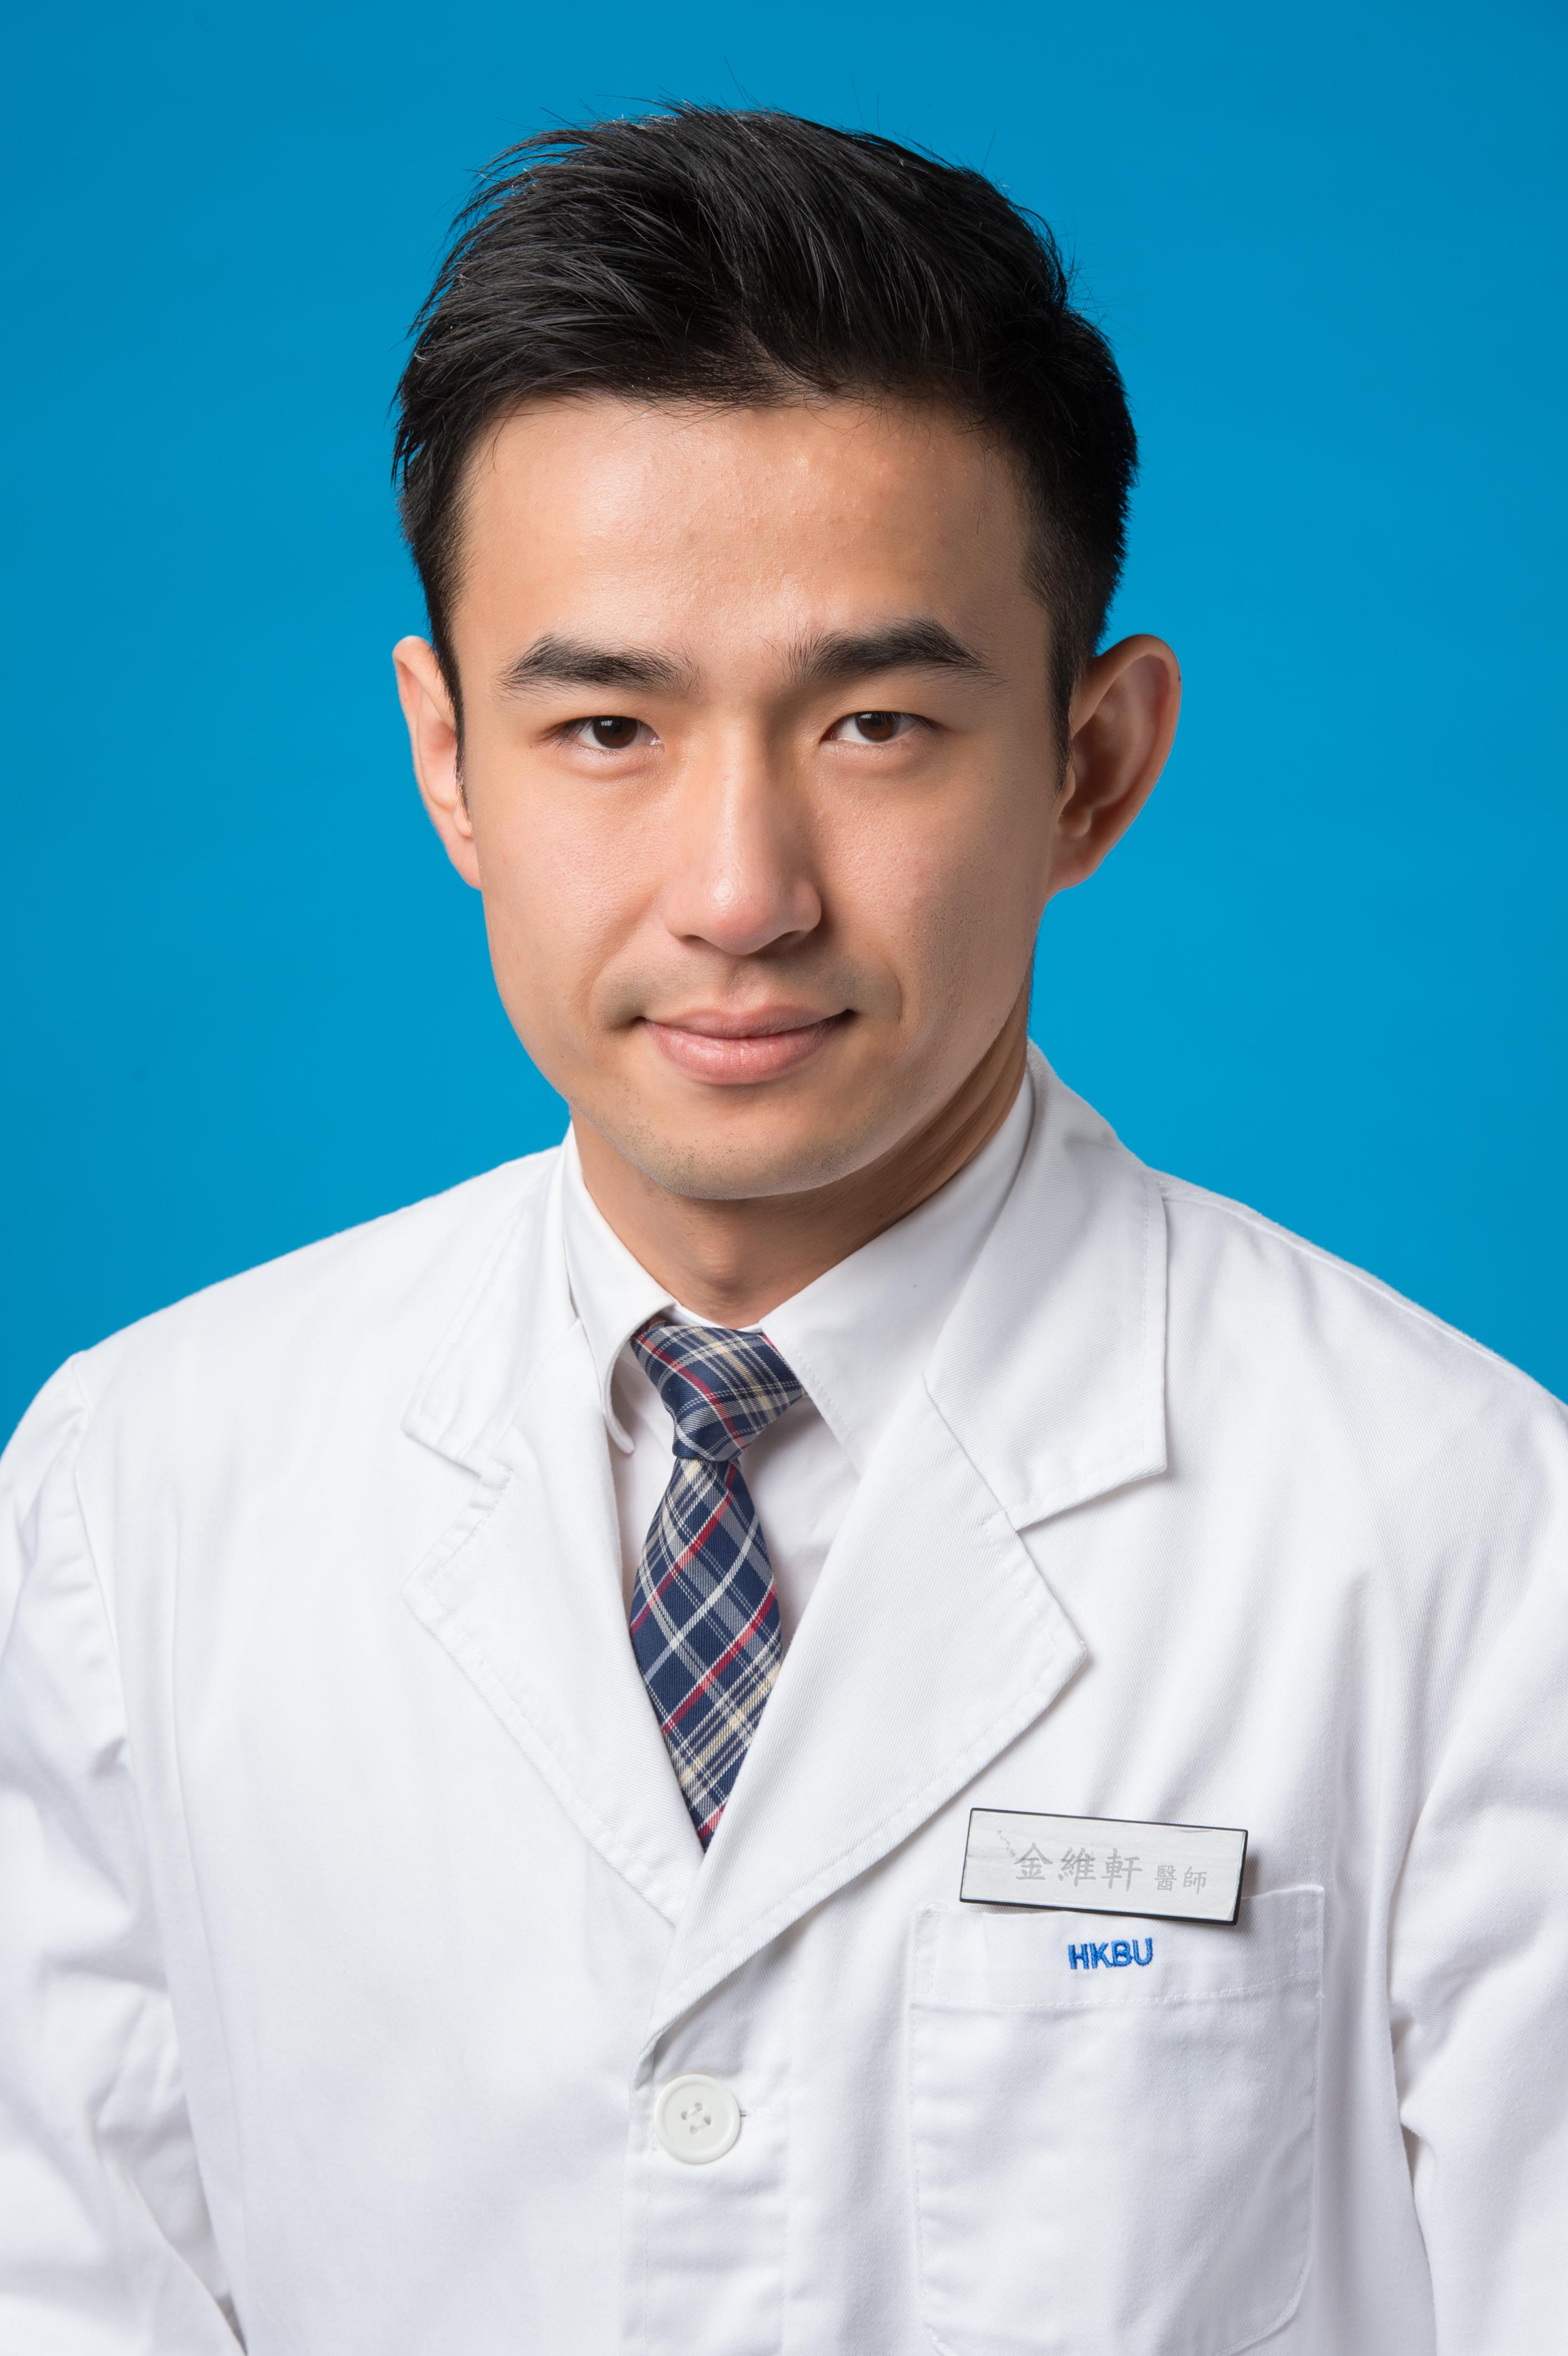 Jin Weixuan